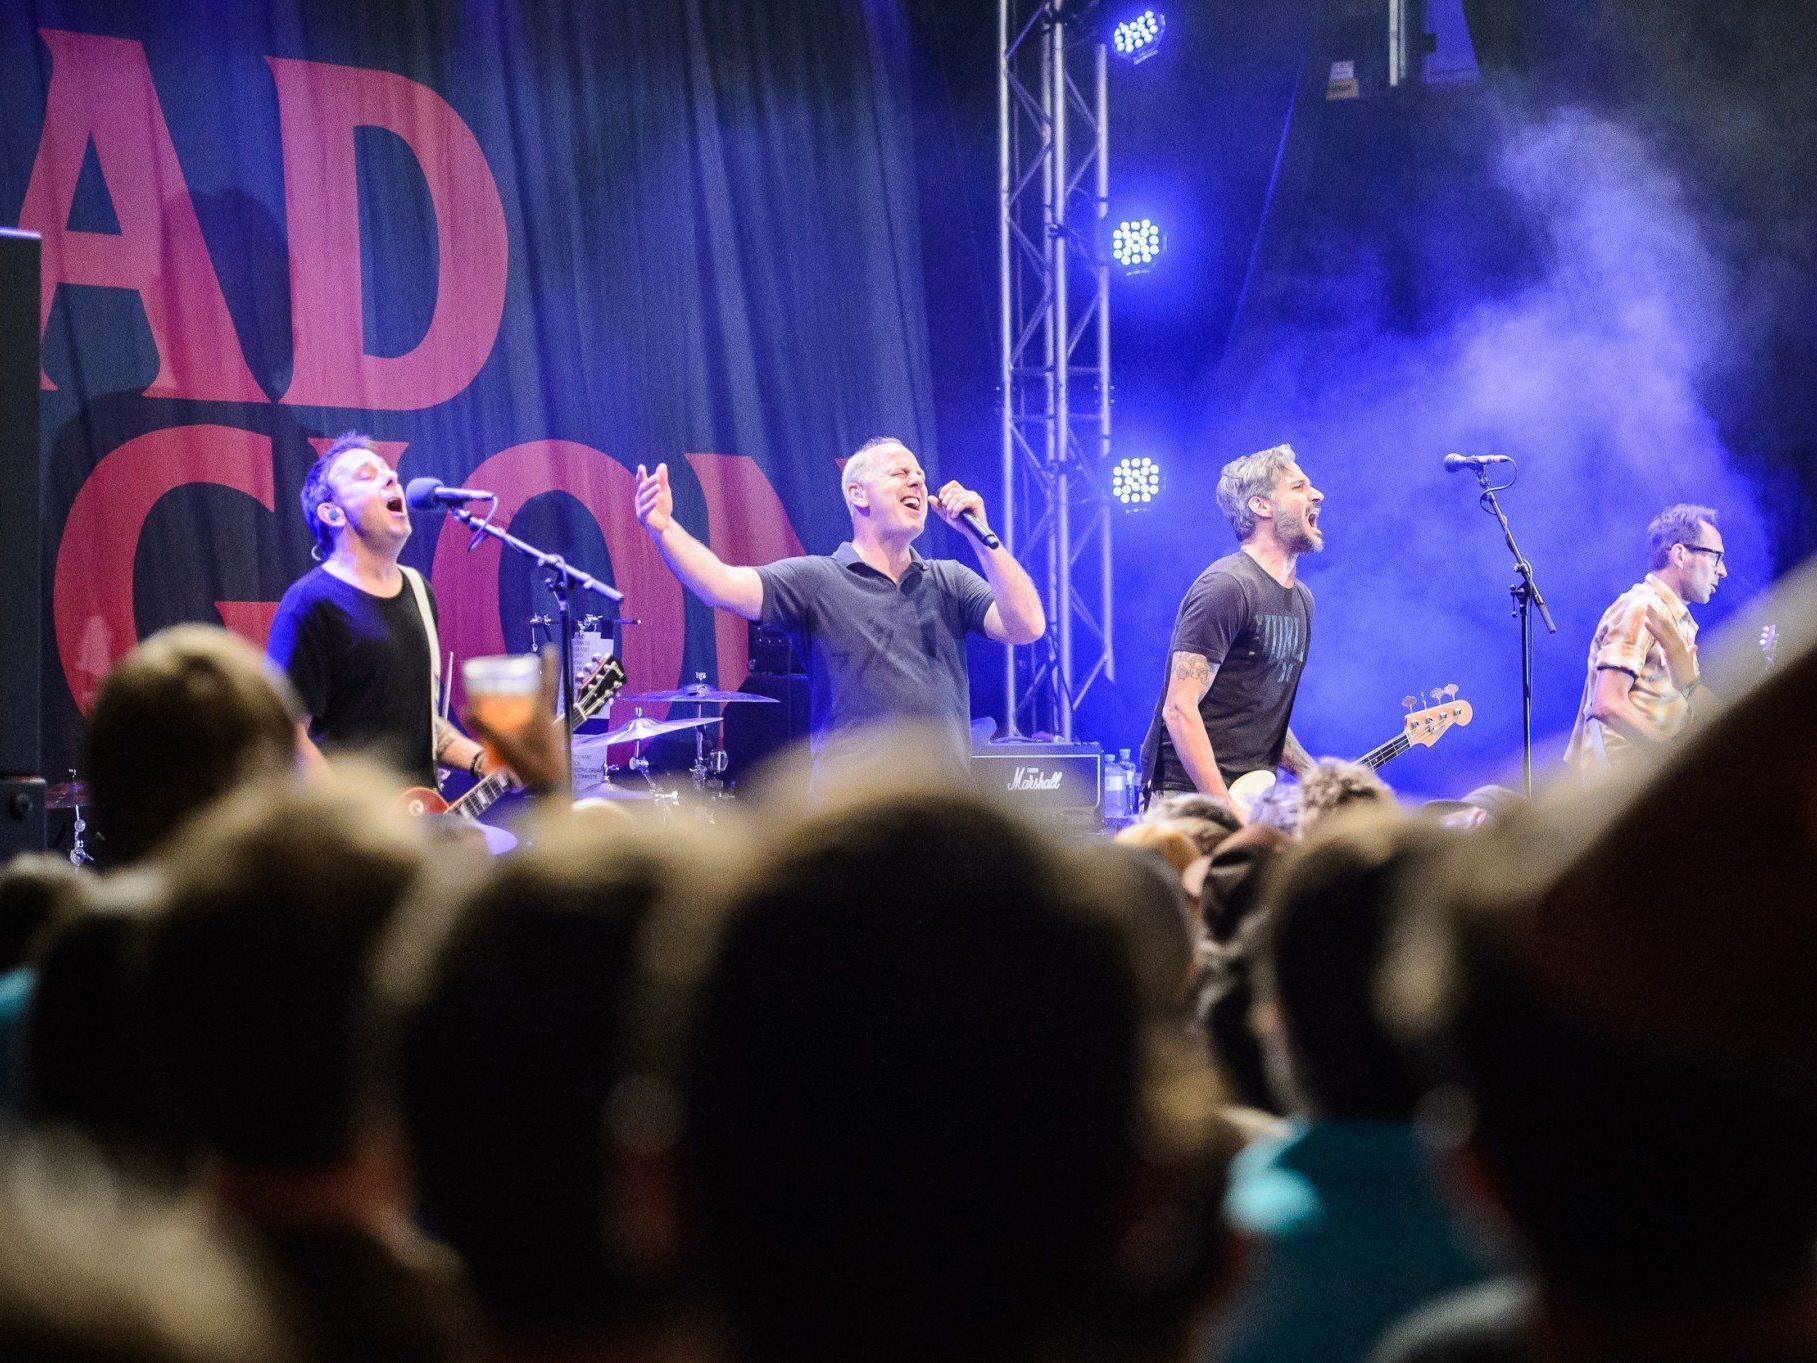 Musik-Titanen unter sich: Bad Religion